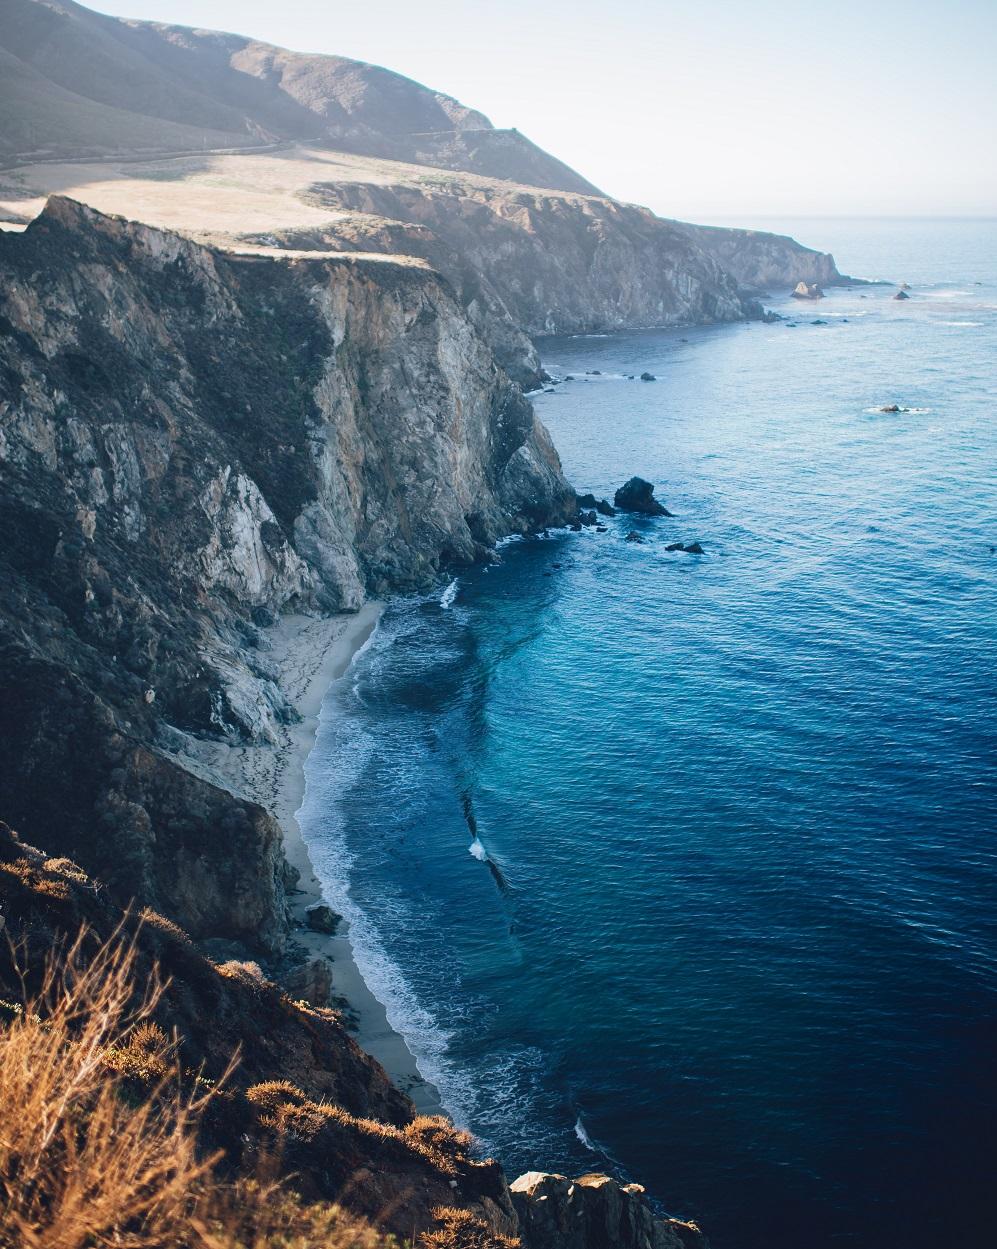 L'ouest américain - Monterey